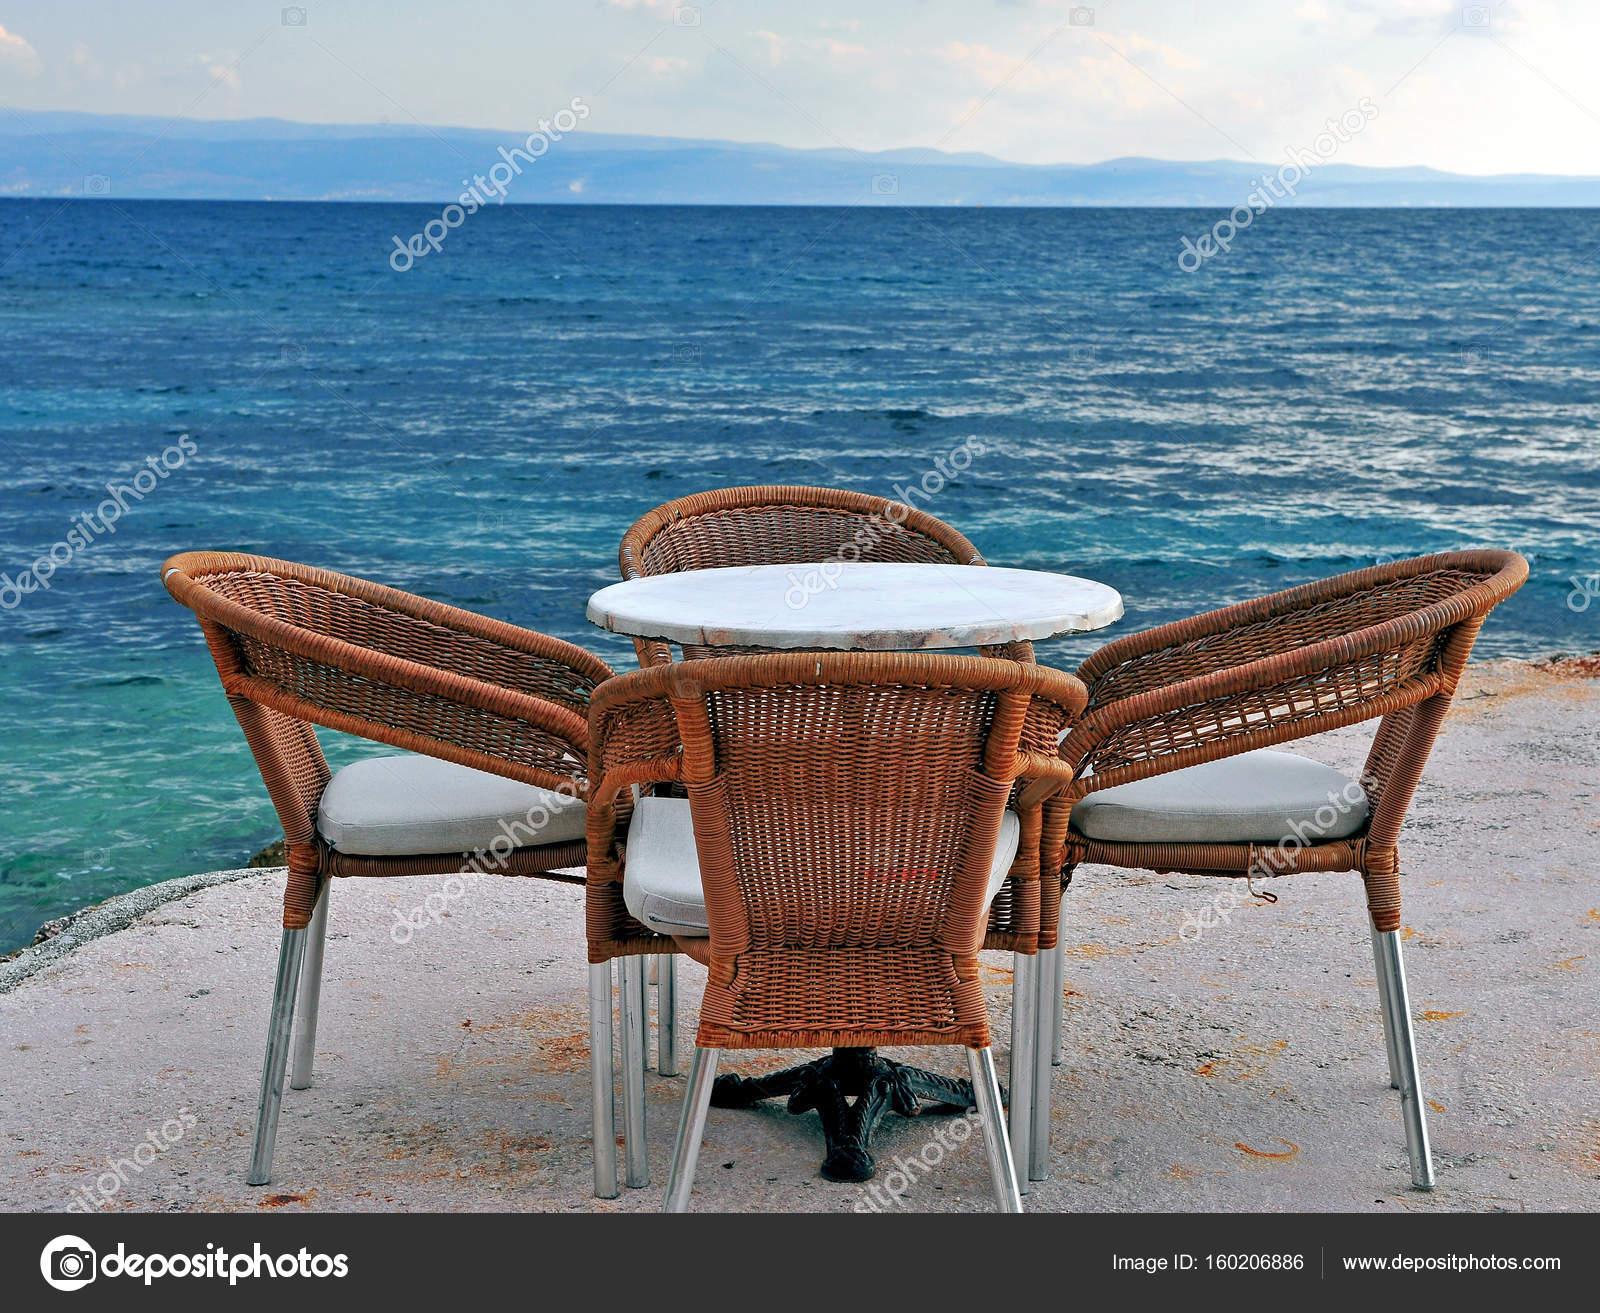 Mar Sedie E Tavoli.Sedie Di Legno Del Caffe E Tavolo Di Fronte Al Mare Foto